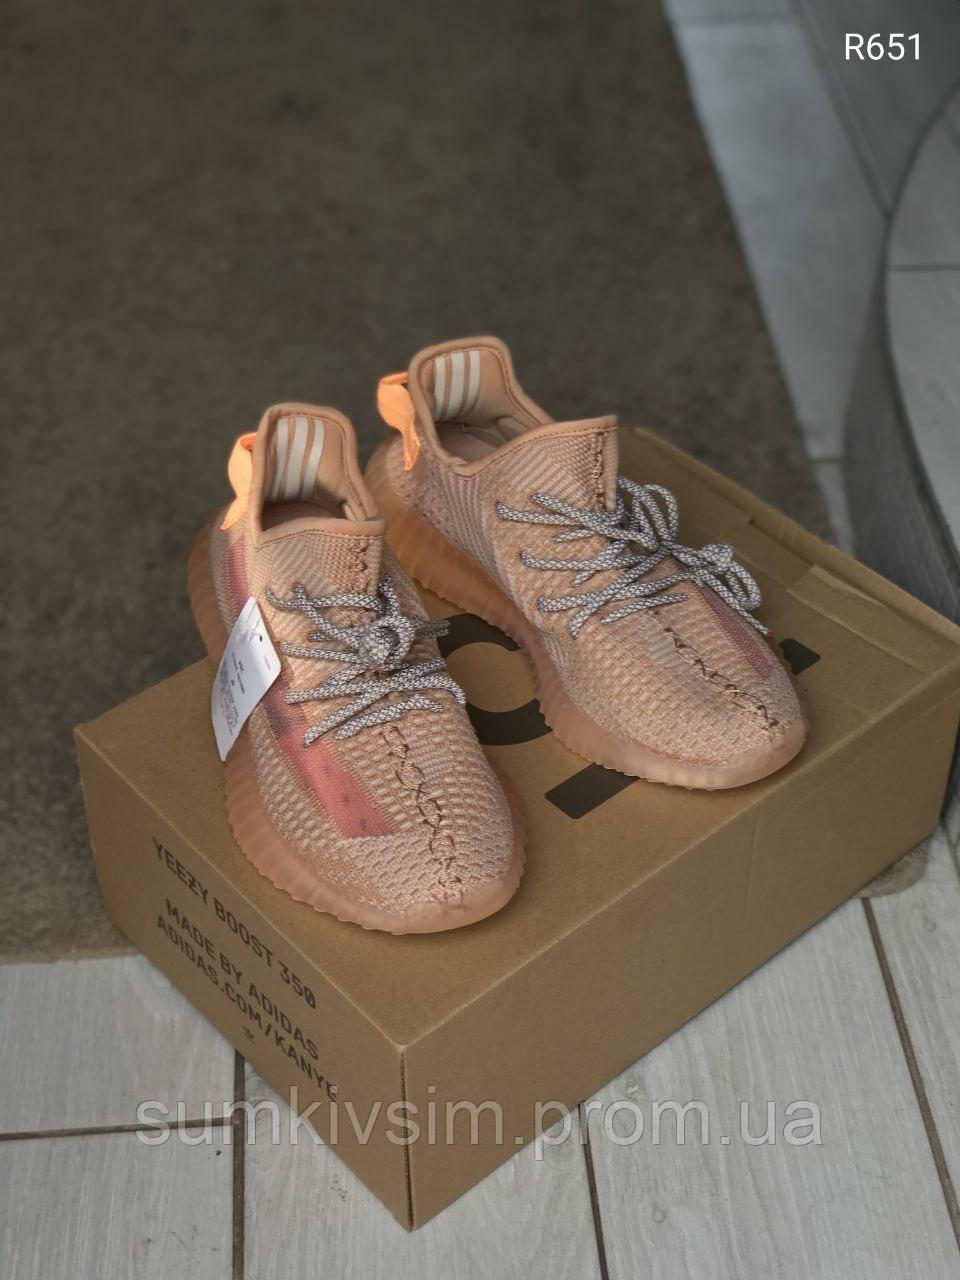 Кроссовки женские Adidas Yeezy Boost 350 v2 Clay (Топ качество)